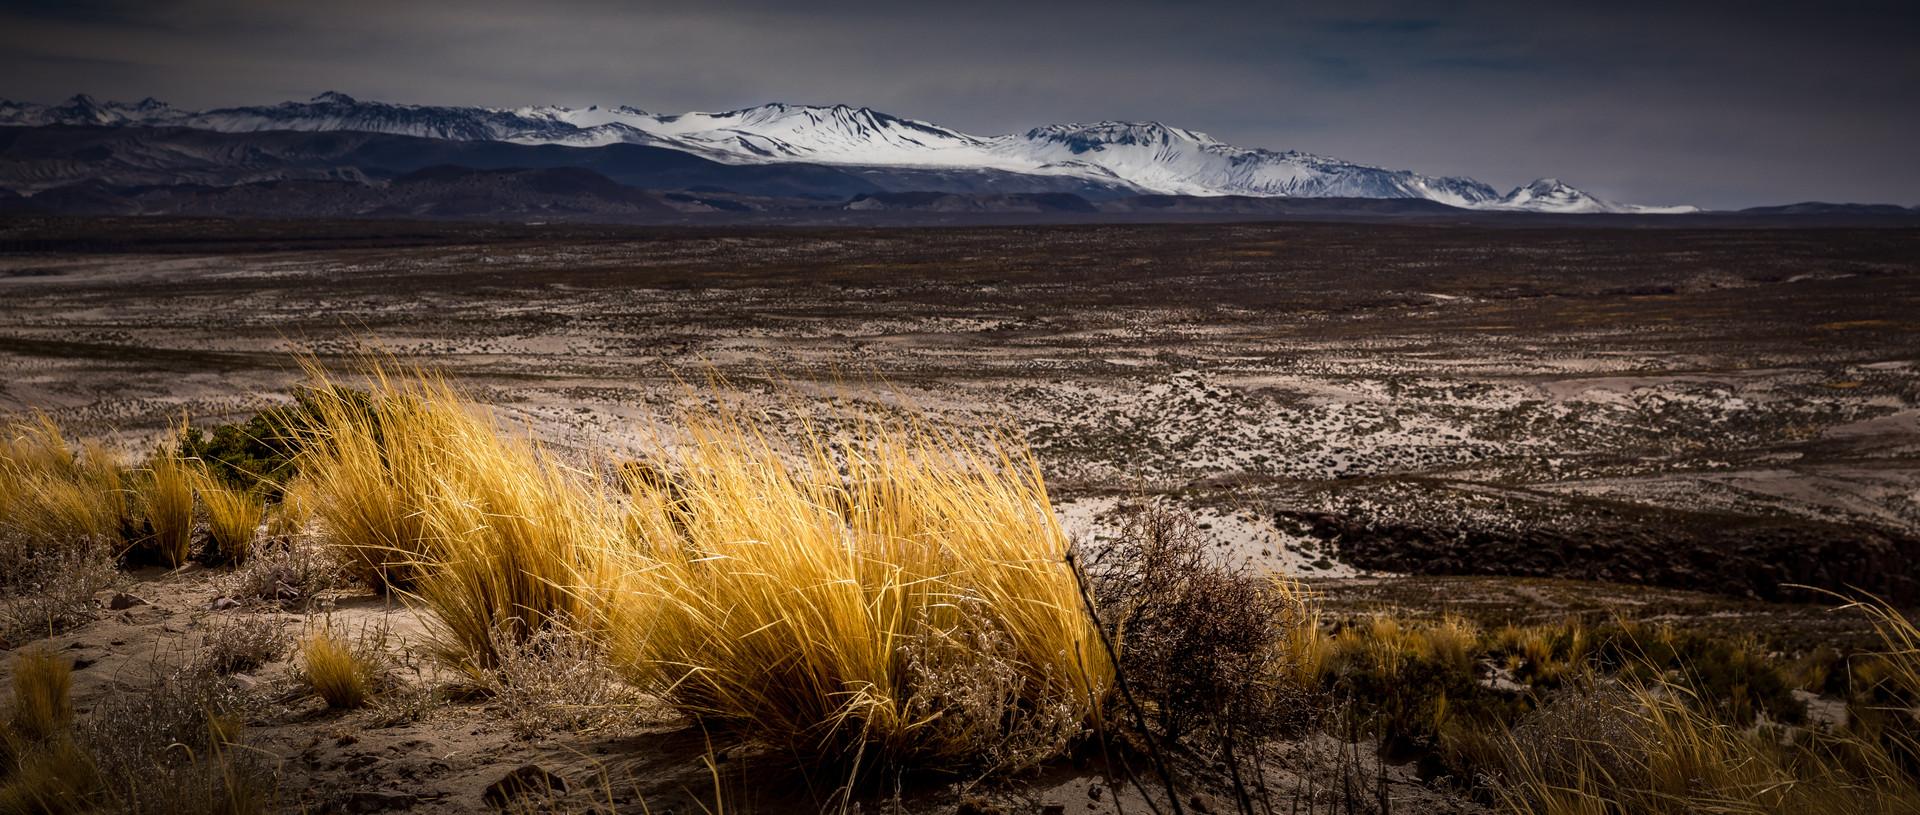 landschap onderweg-50.jpg